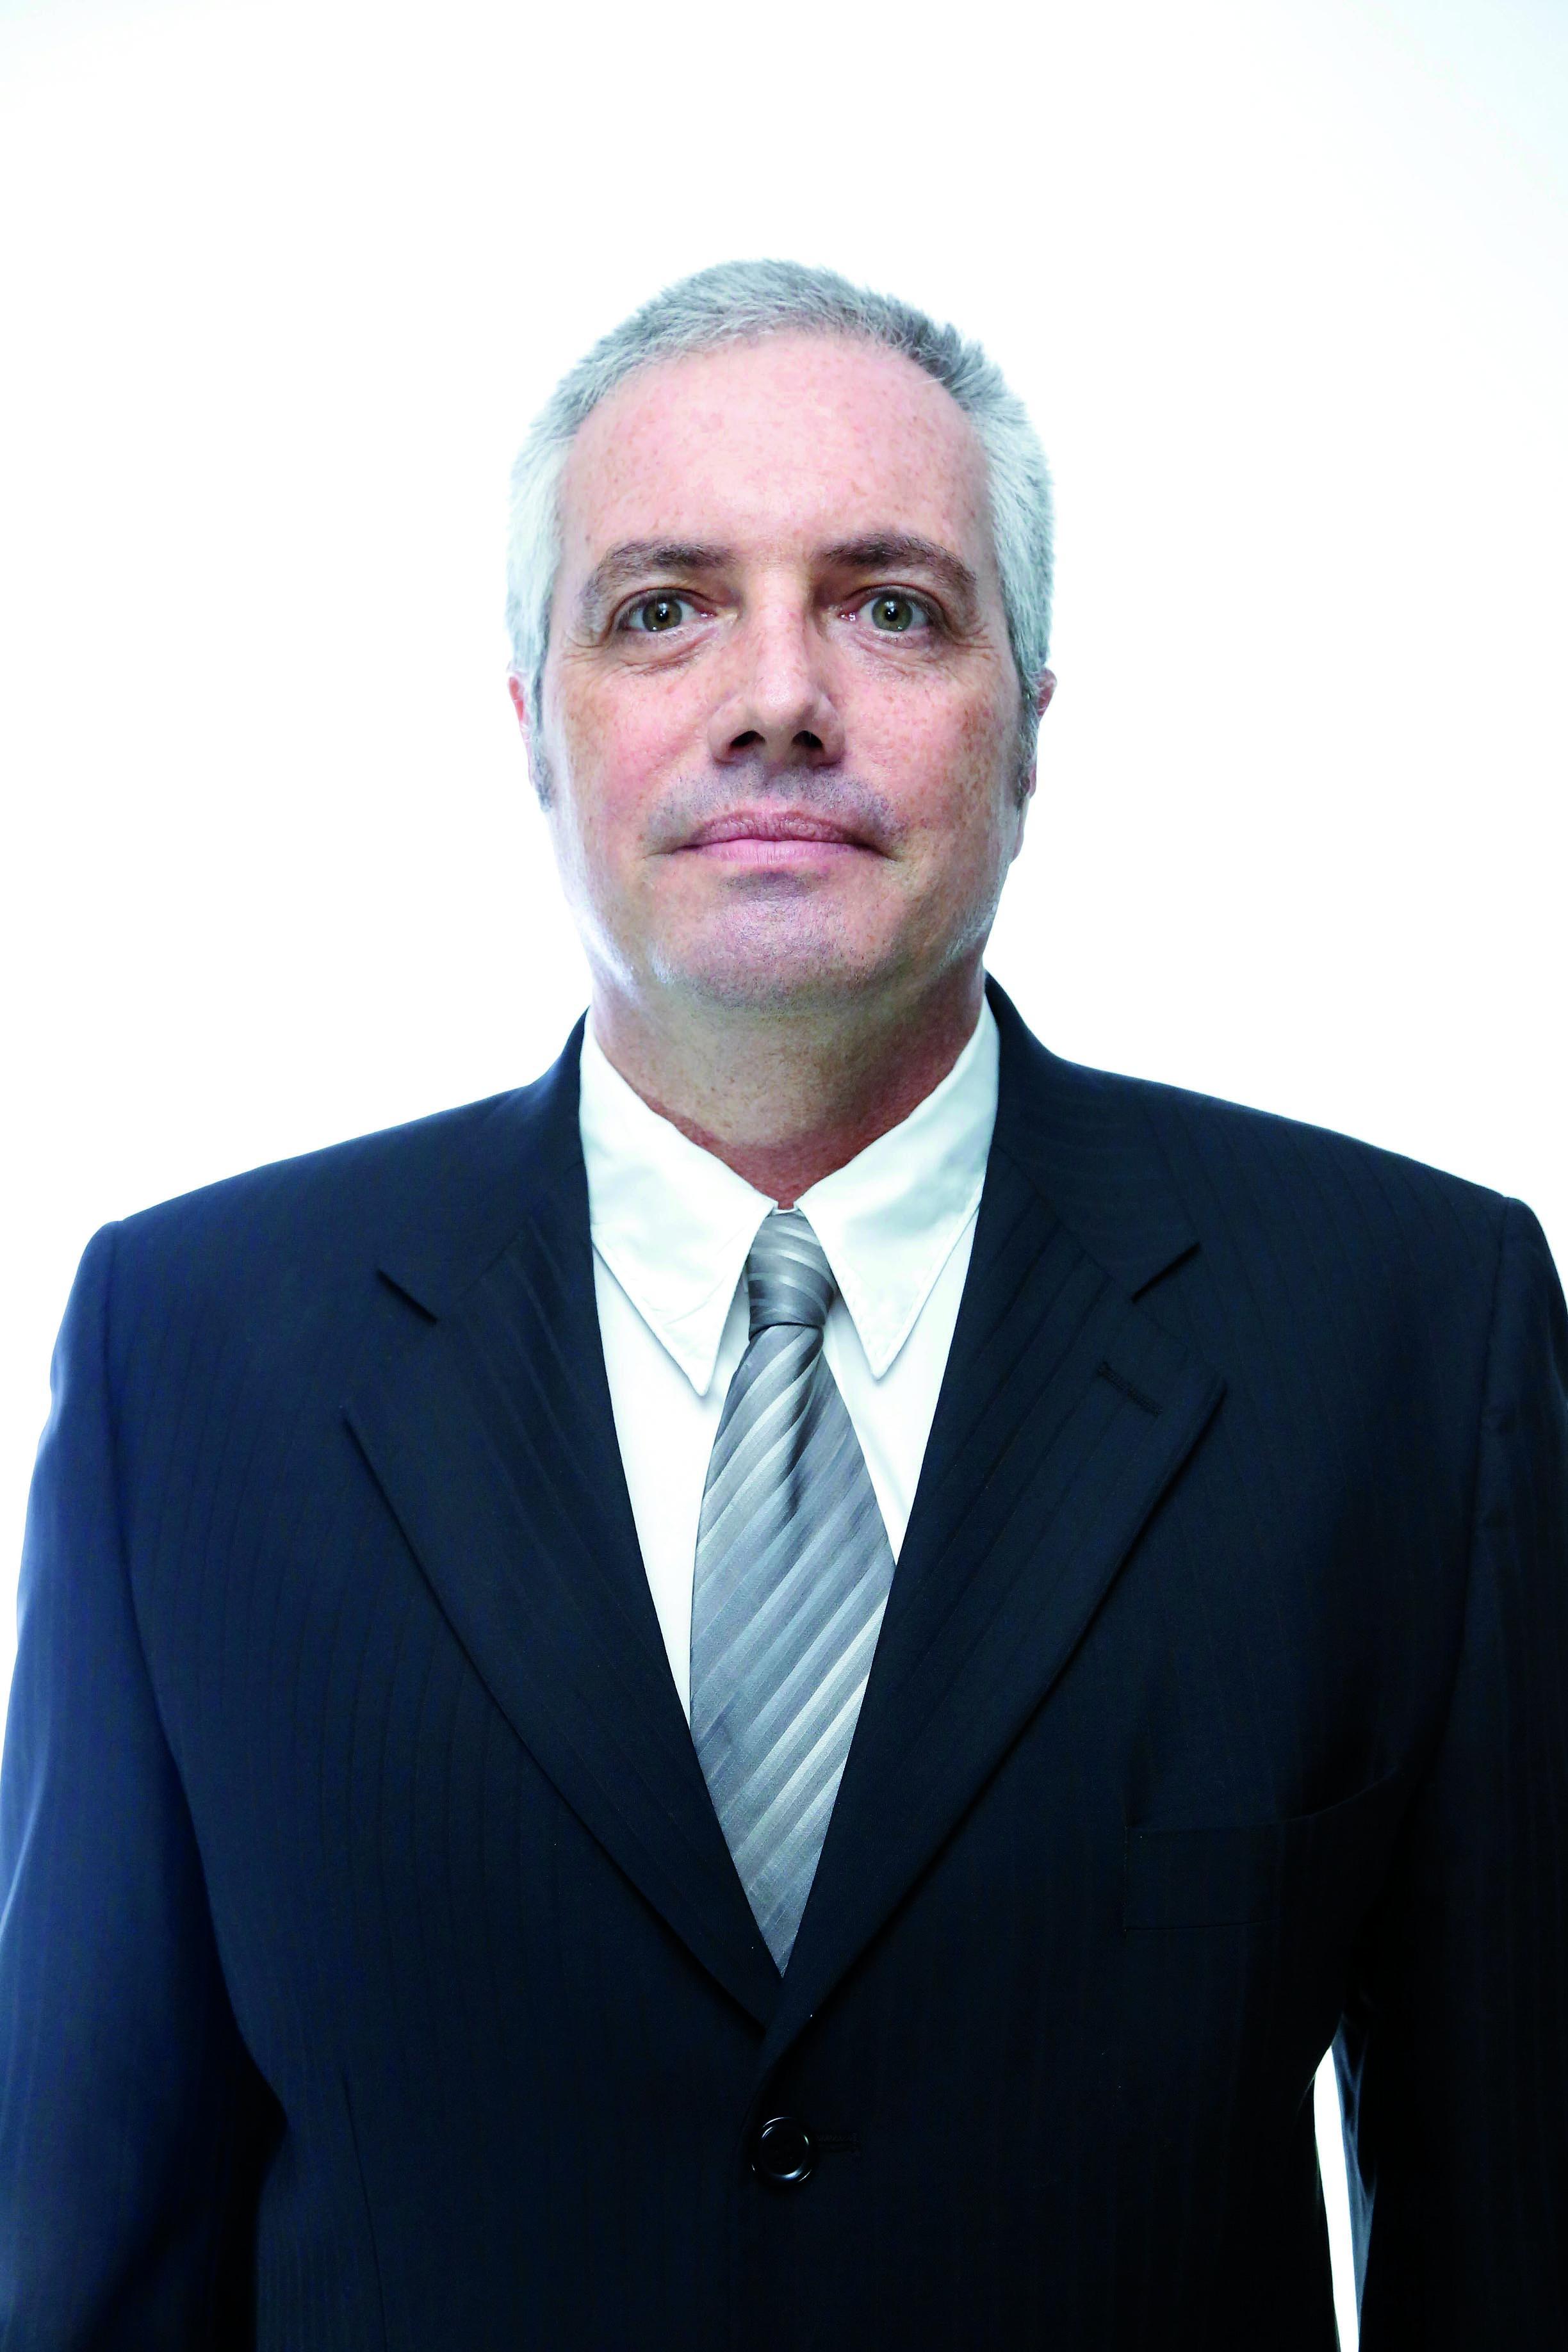 Cel. Carlos Henrique Martins Romar